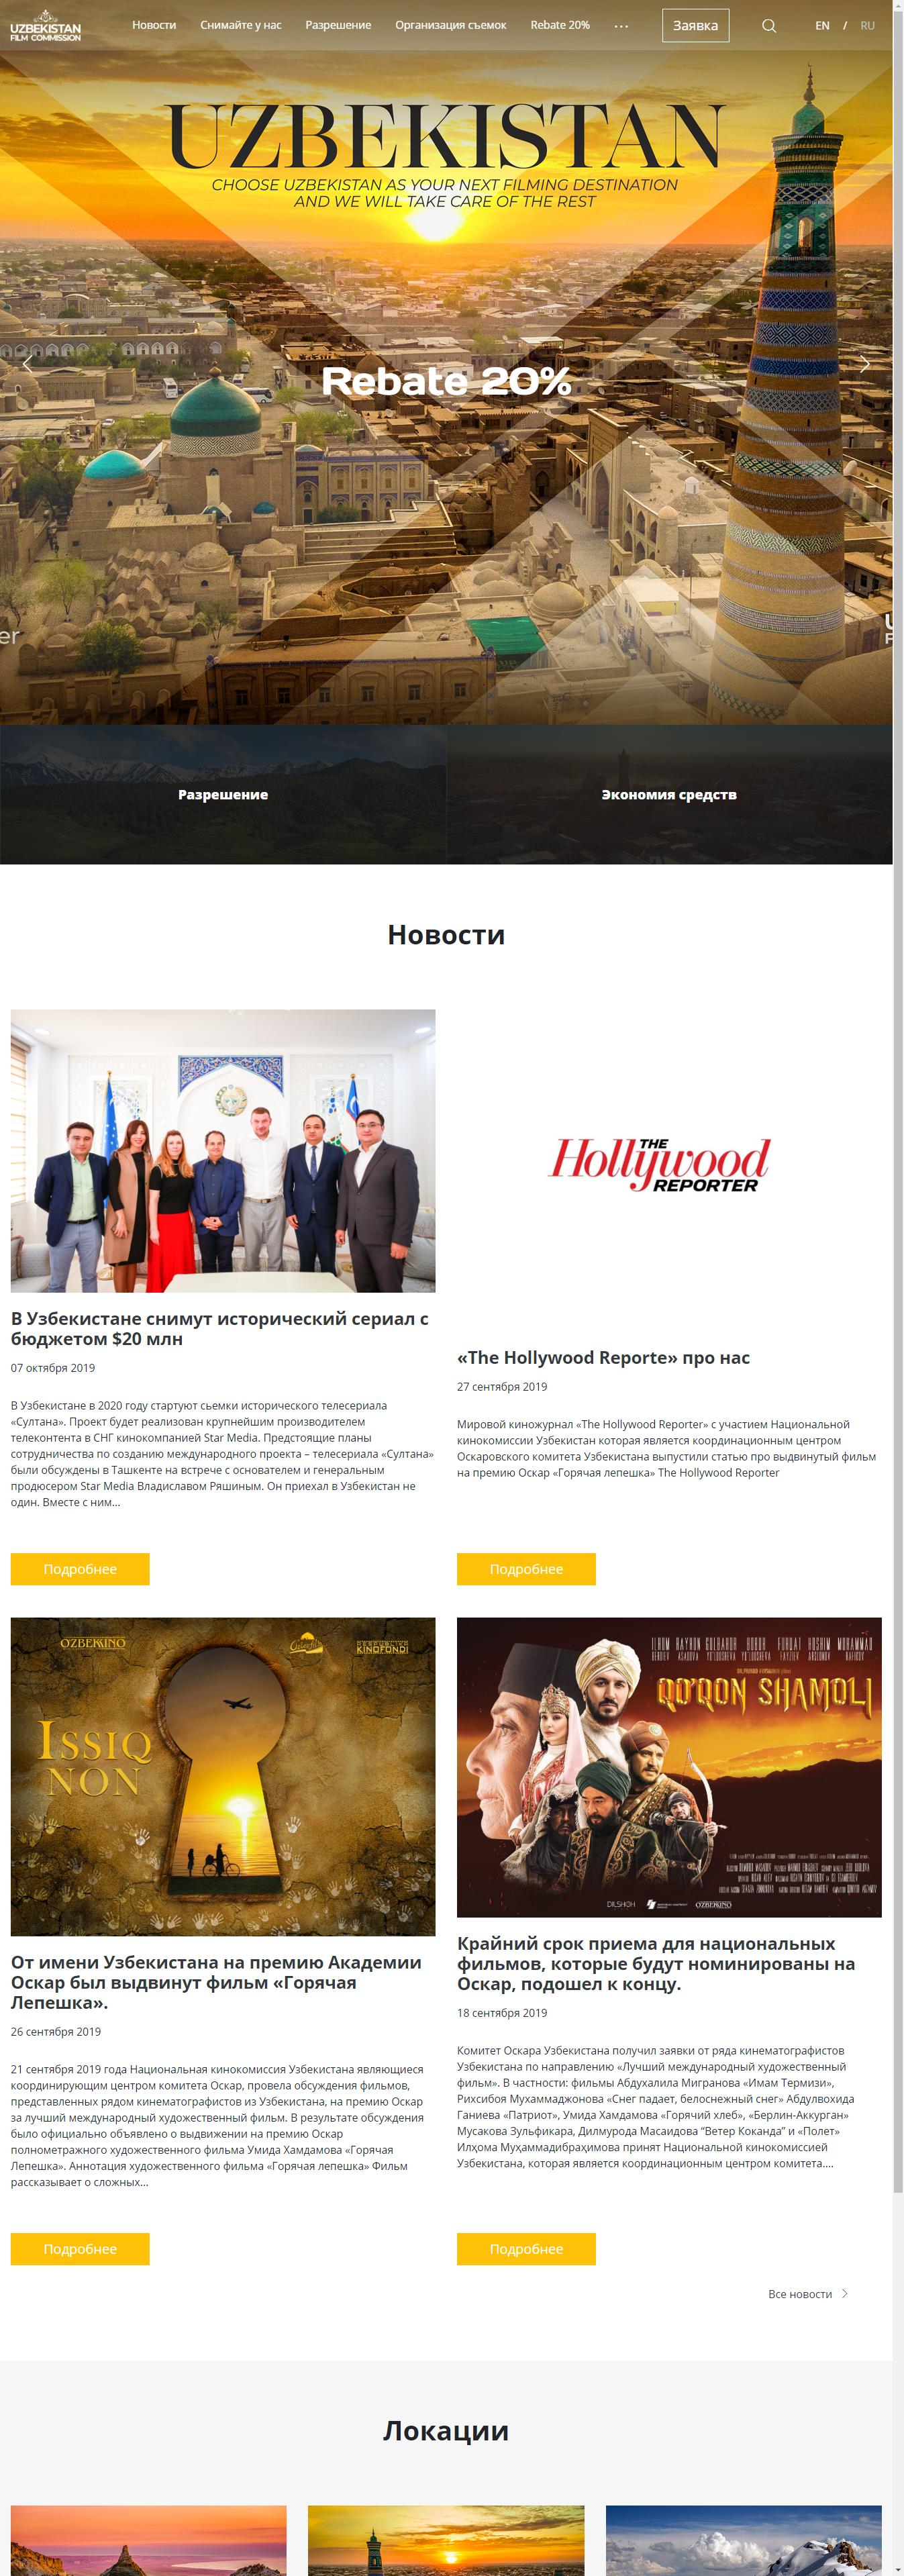 Сайт для кинокомиссии Узбекистана помогающей в процессе авторизации съемок.